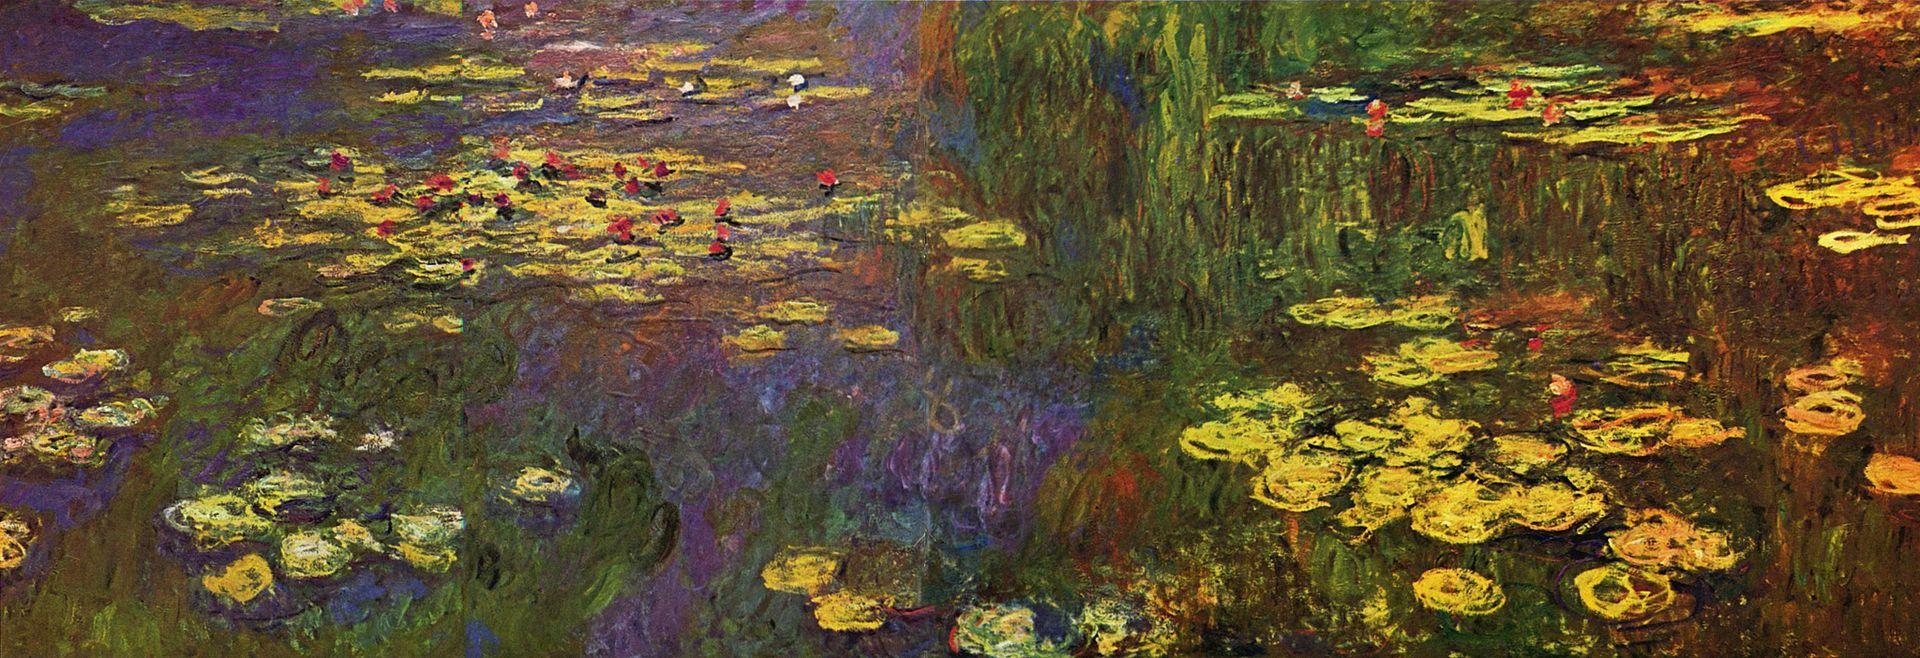 Les Nymphéas, Claude Monet Huile sur toile, Musée de l'Orangerie - Paris